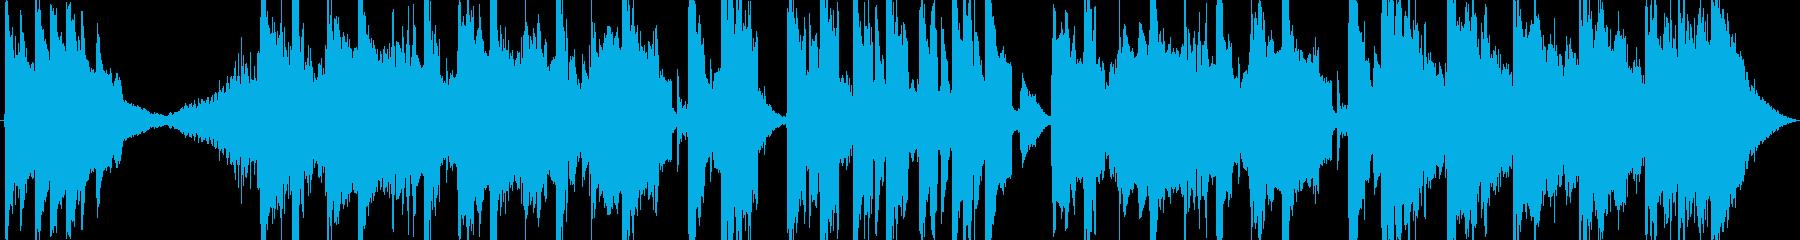 エスニック+不思議なマーチのんの再生済みの波形